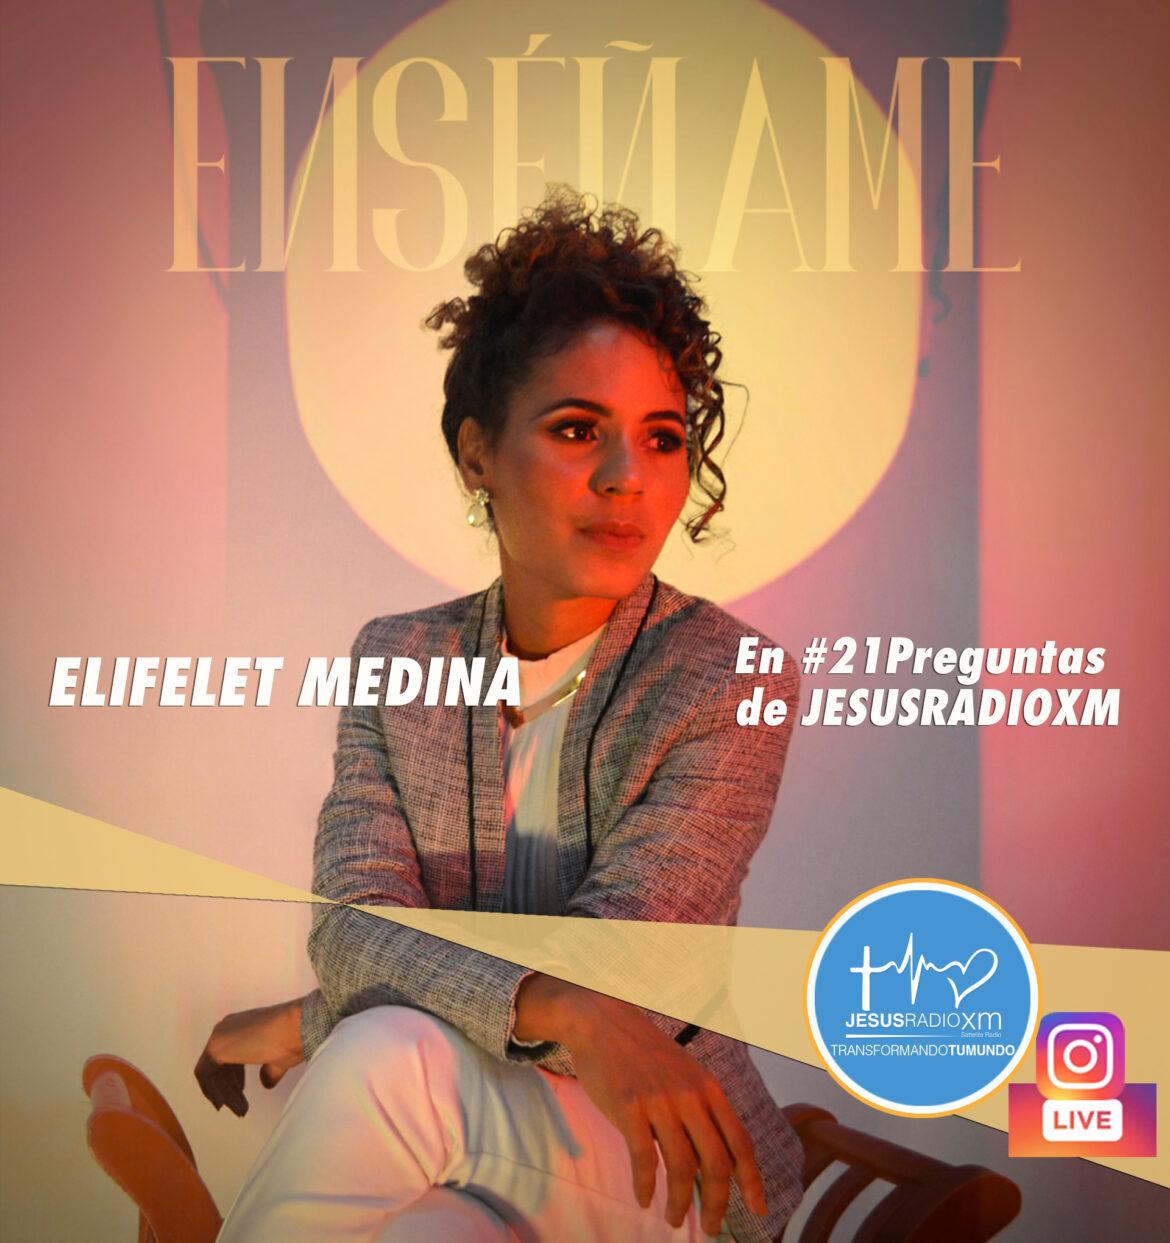 Elifelet Medina en Jesus Radio XM y su video ENSEÑAME